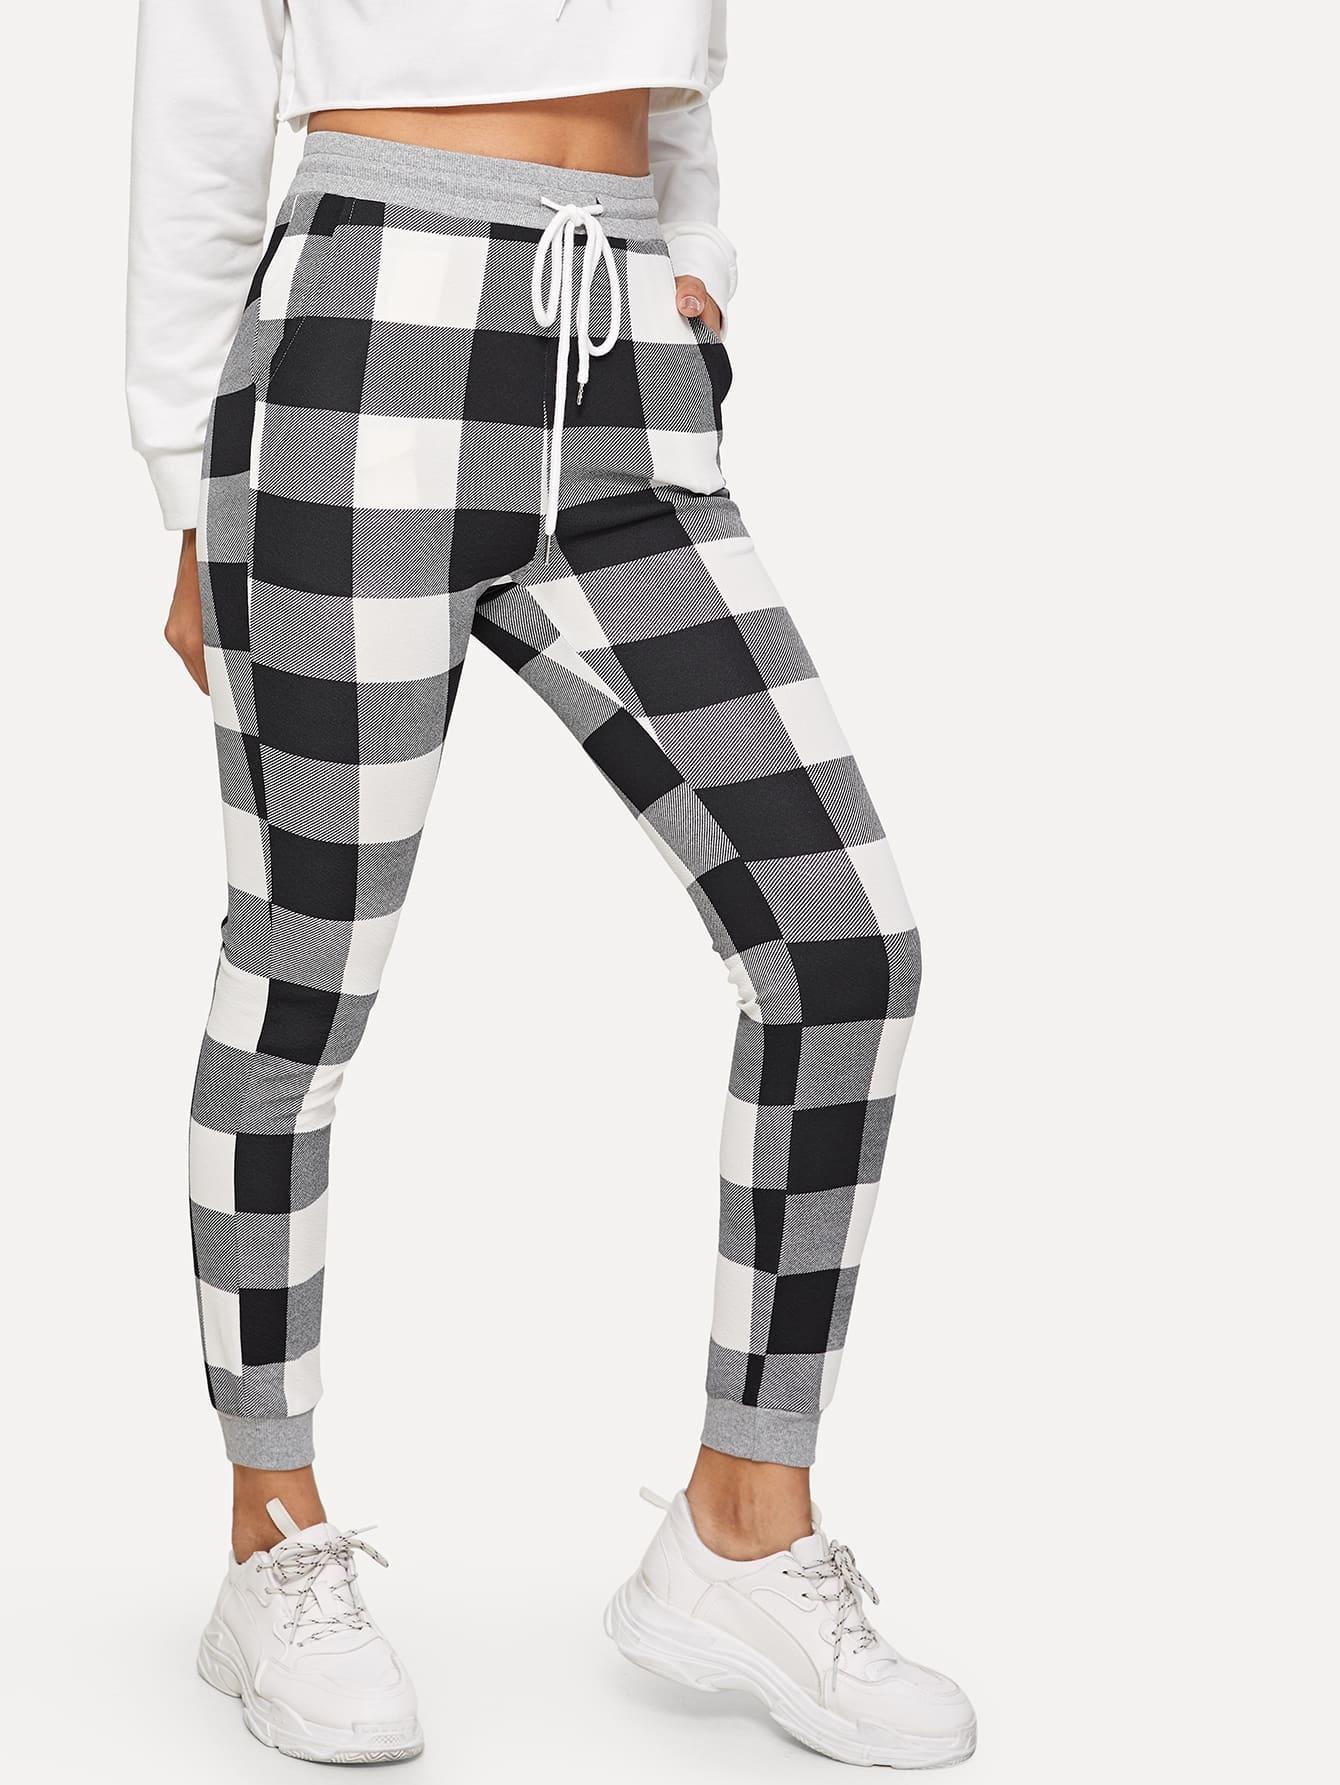 Купить Приталенные спортивные брюки с кулиской, Gigi, SheIn